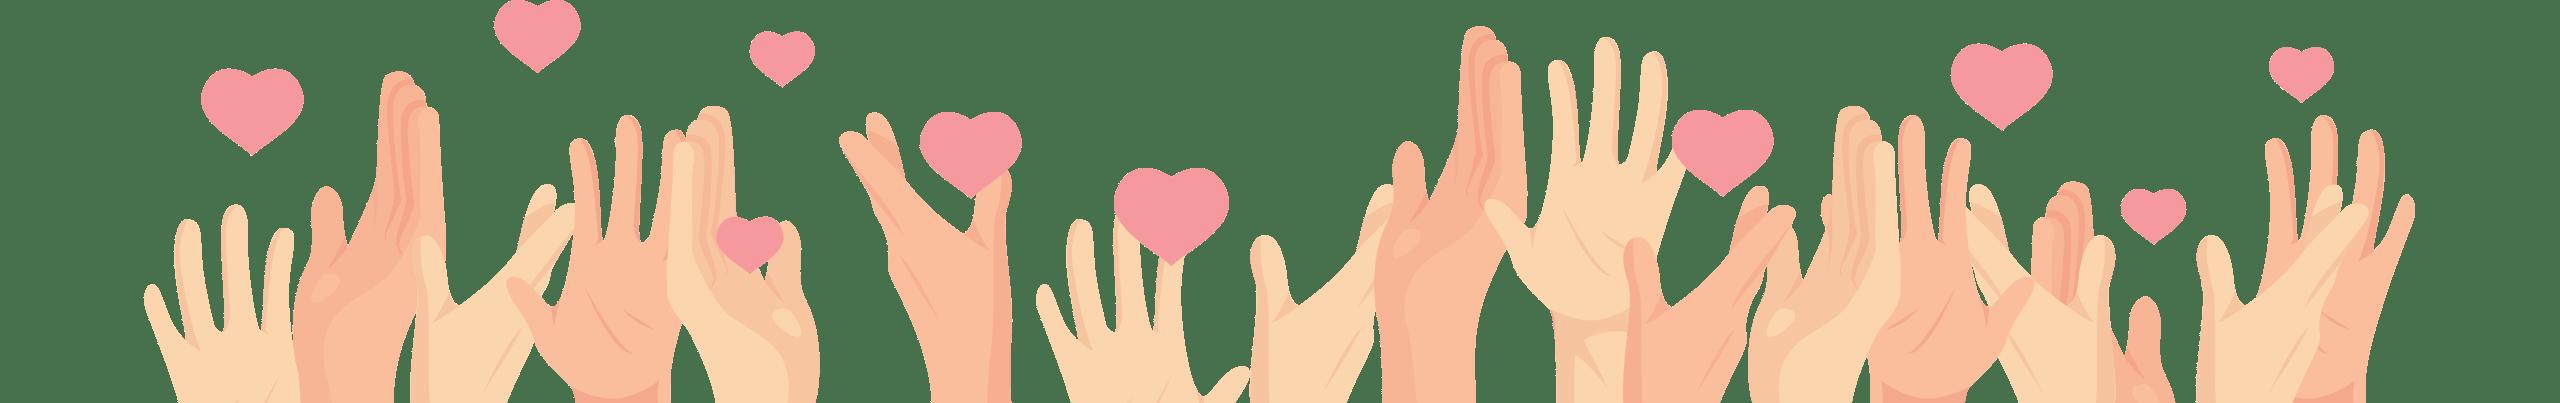 Kinderhilfe Moldawien